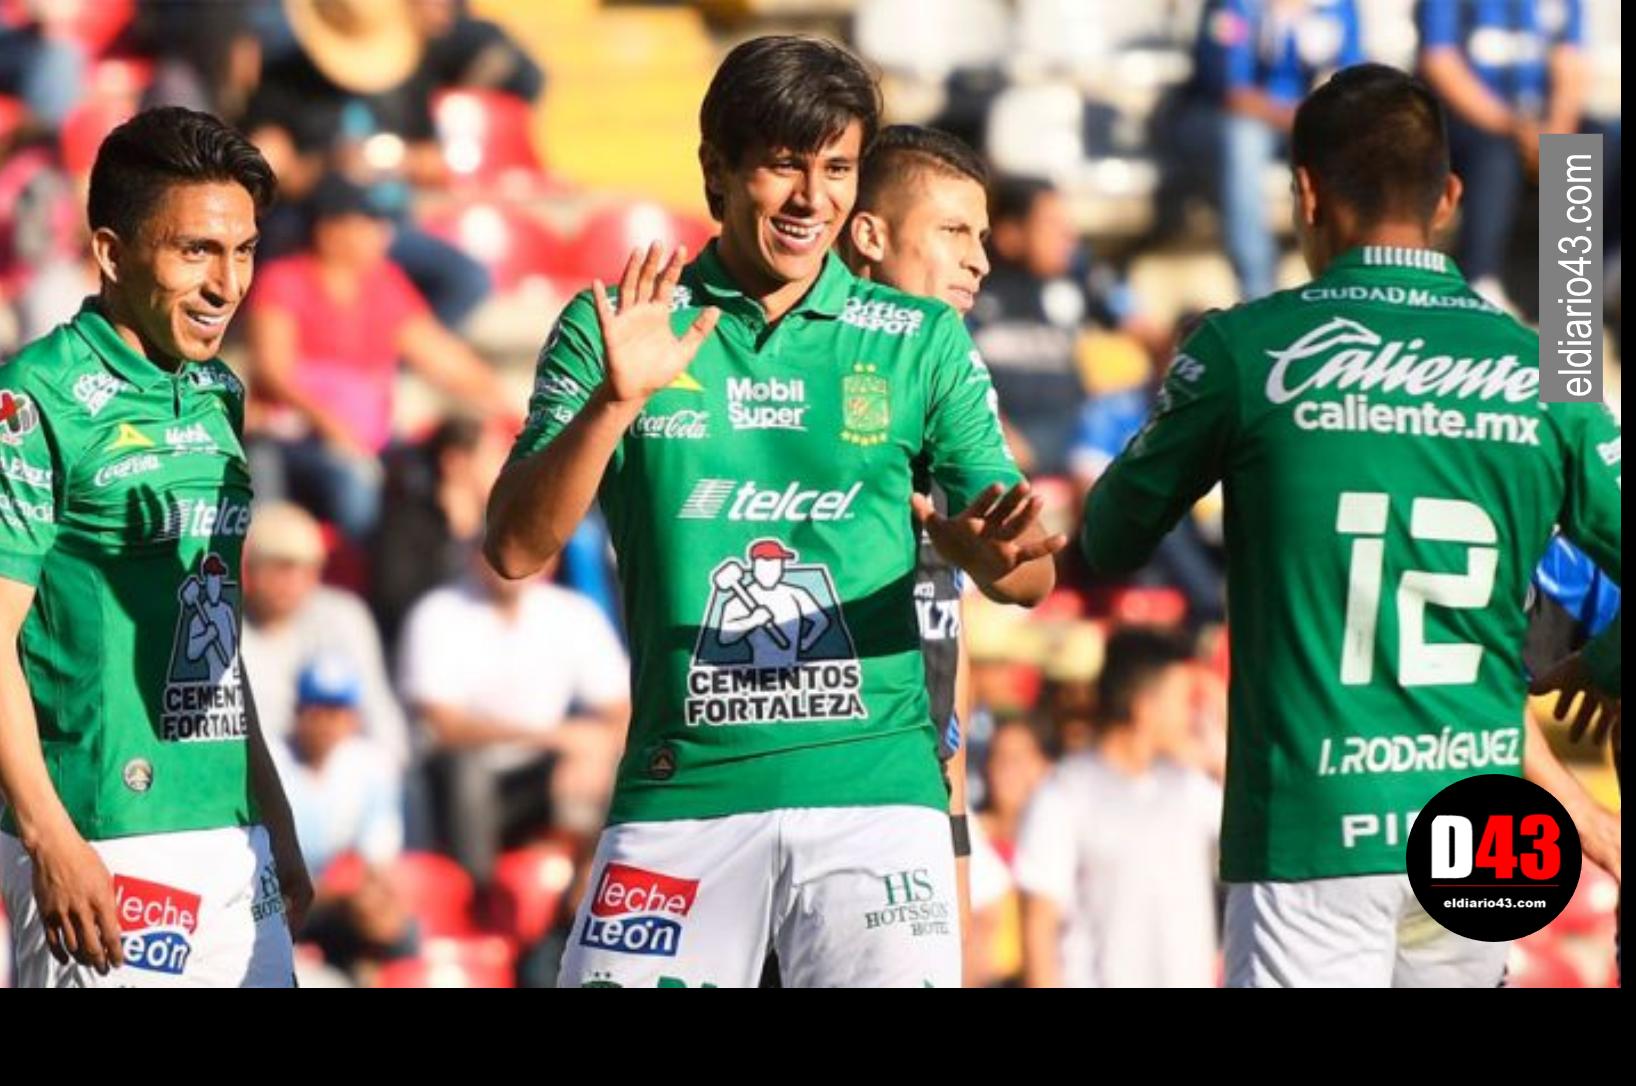 EQUIPOS CON MEJOR OFENSIVA DOMINAN EN LAS FINALES DEL FUTBOL MEXICANO